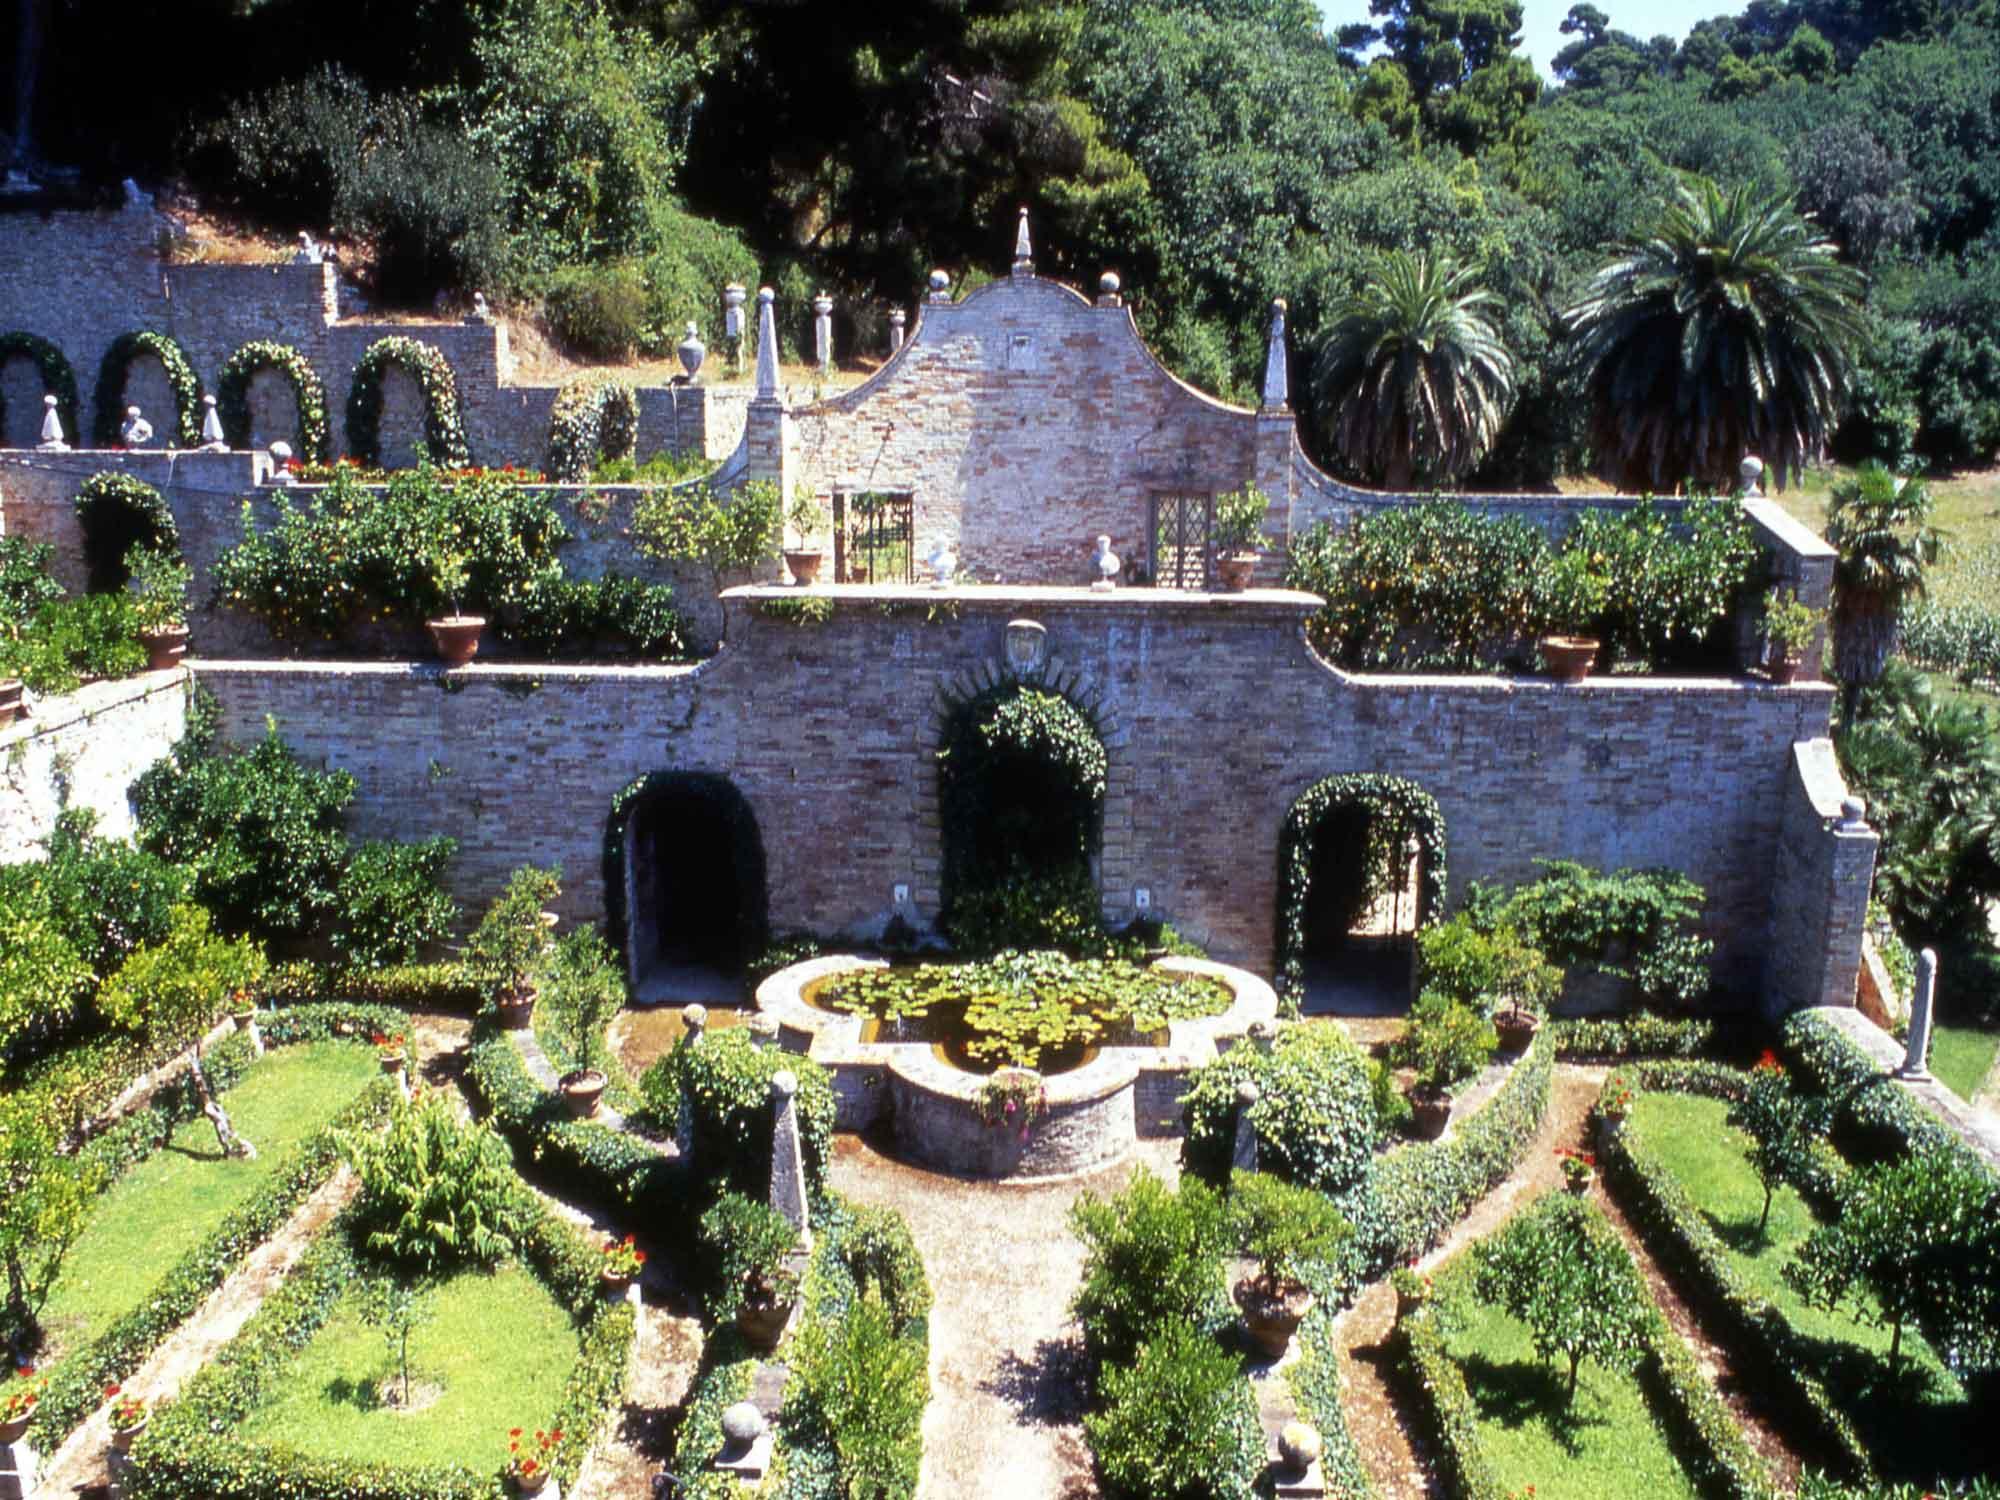 giardino-esoterico-villa-sgariglia